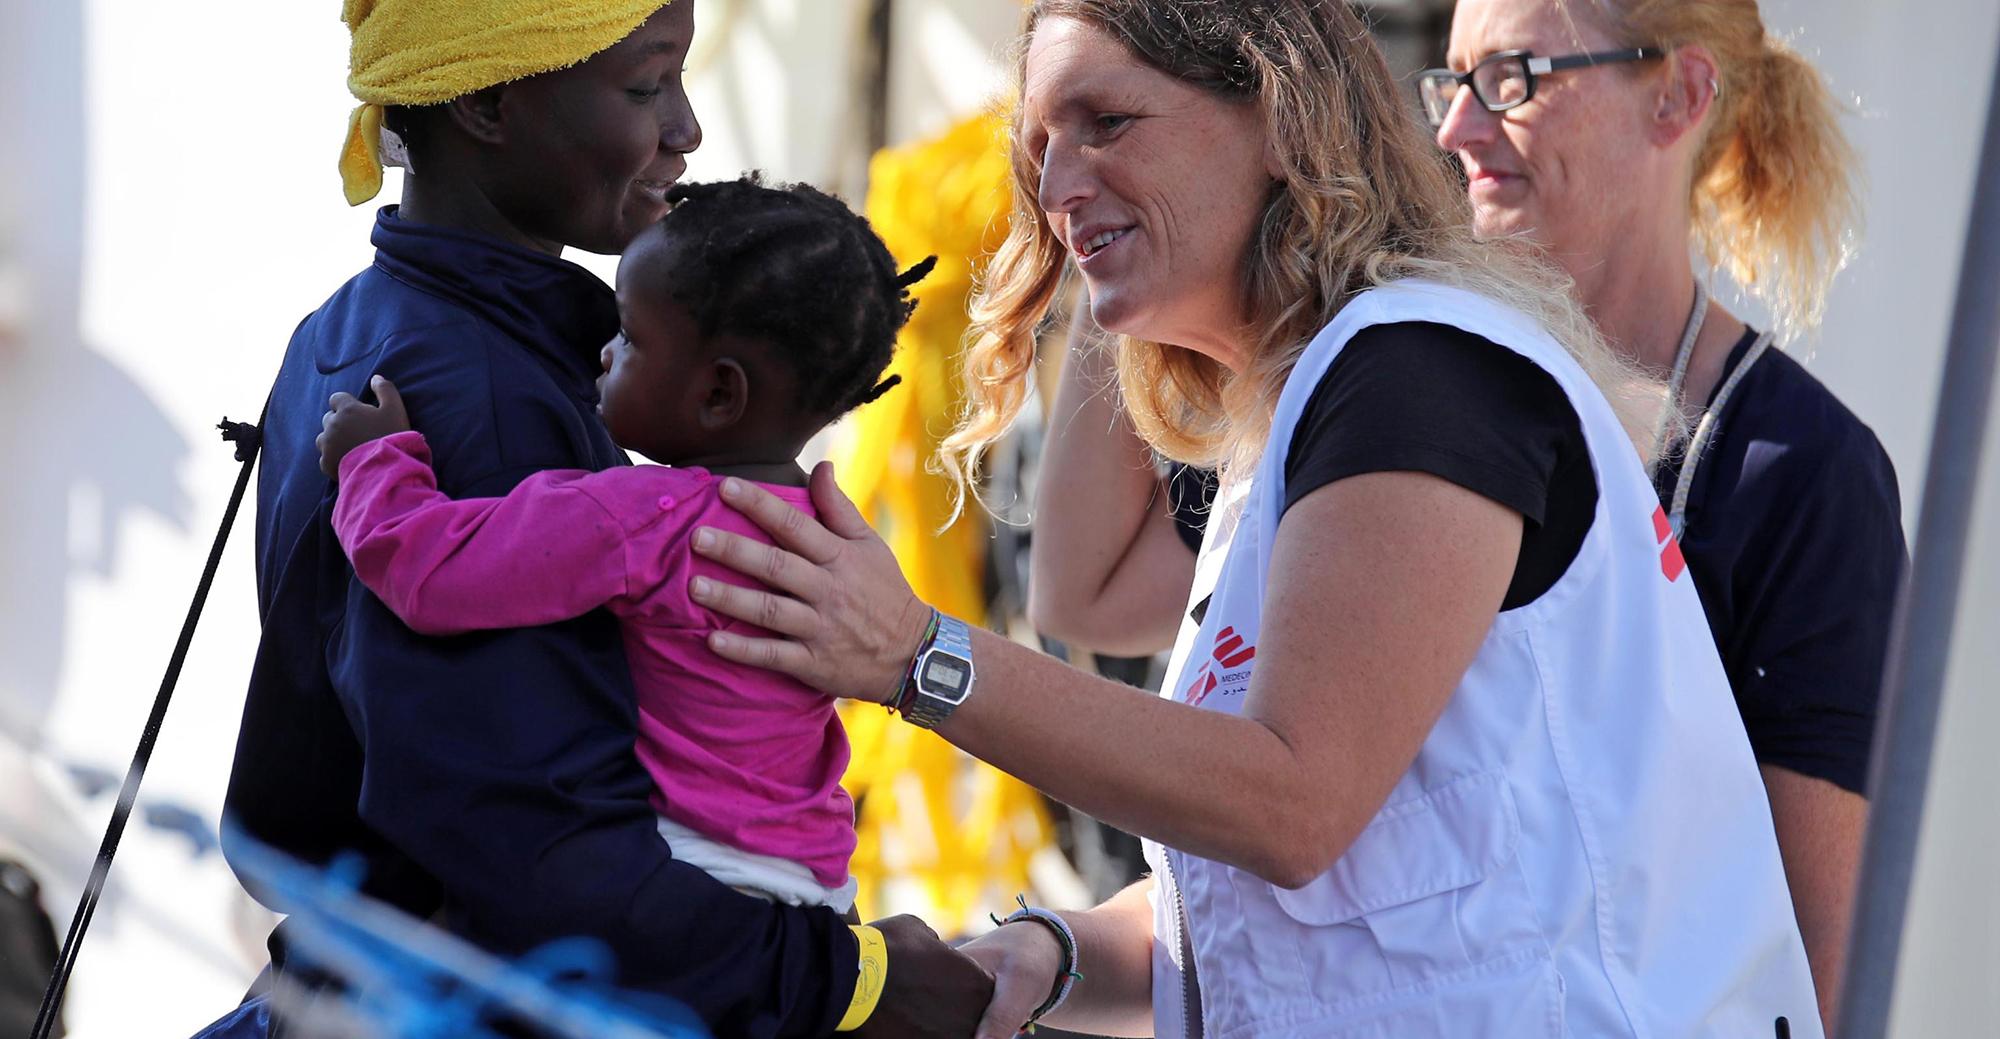 L'arrivo della nave Aquarius di Sos Mediterranee con a bordo 604 migranti soccorsi nel Canale di Sicilia, nel porto di Palemro, 13 ottobre 2017